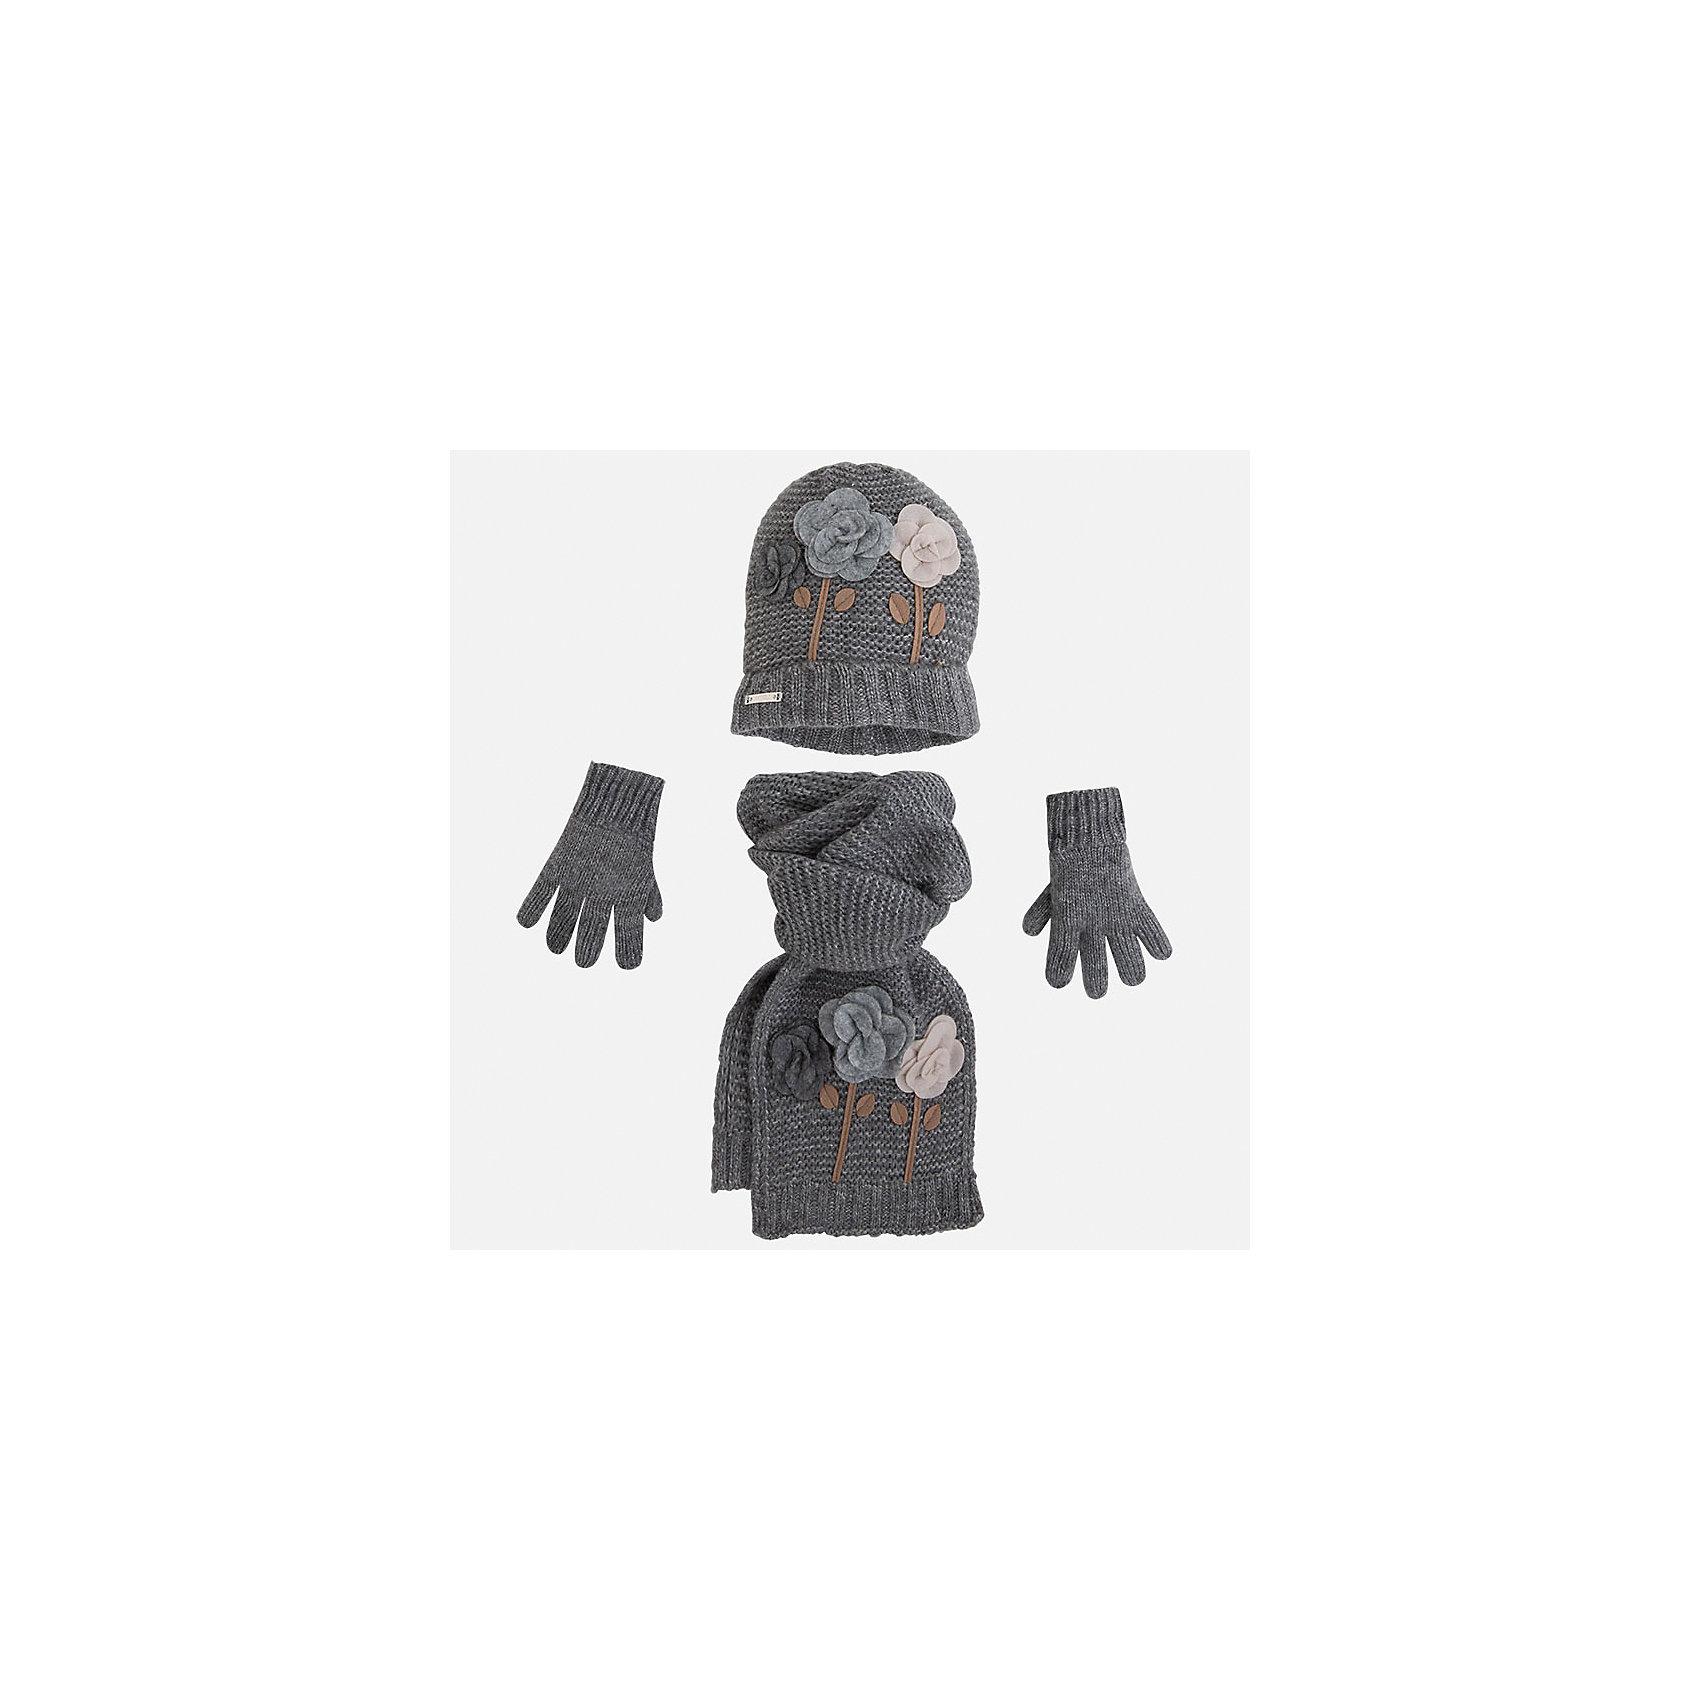 Комплект:шапка, шарф и перчатки для девочки MayoralКомплект: шапка, шарф и перчатки для девочки Mayoral от известного испанского бренда Mayoral. Вязаный комплект выполнен из акриловой пряжи с добавлением полиамида, что обеспечивает высокую износоустойчивость, сохранение формы и цвета даже при длительном использовании. Комплект выполнен в сером цвете рельефной вязкой:  на шапке и перчатках имеются отвороты из вязаной резинки. Шарф и шапка оформлены объемной аппликацией в форме разноцветных роз. <br><br>Дополнительная информация:<br><br>- Предназначение: повседневная одежда<br>- Комплектация: шапка, шарф, перчатки <br>- Цвет: серый меланж<br>- Пол: для девочки<br>- Состав: 87% акрил, 13% полиамид<br>- Сезон: осень-зима-весна<br>- Особенности ухода: стирка при температуре 30 градусов, разрешается химическая чистка, глажение <br><br>Подробнее:<br><br>• Для детей в возрасте: от 2 лет и до 9 лет<br>• Страна производитель: Китай<br>• Торговый бренд: Mayoral<br><br>Комплект: шапка, шарф и перчатки для девочки Mayoral (Майорал) можно купить в нашем интернет-магазине.<br><br>Ширина мм: 89<br>Глубина мм: 117<br>Высота мм: 44<br>Вес г: 155<br>Цвет: серый<br>Возраст от месяцев: 48<br>Возраст до месяцев: 72<br>Пол: Женский<br>Возраст: Детский<br>Размер: 52-54,54-56,48-50<br>SKU: 4847762